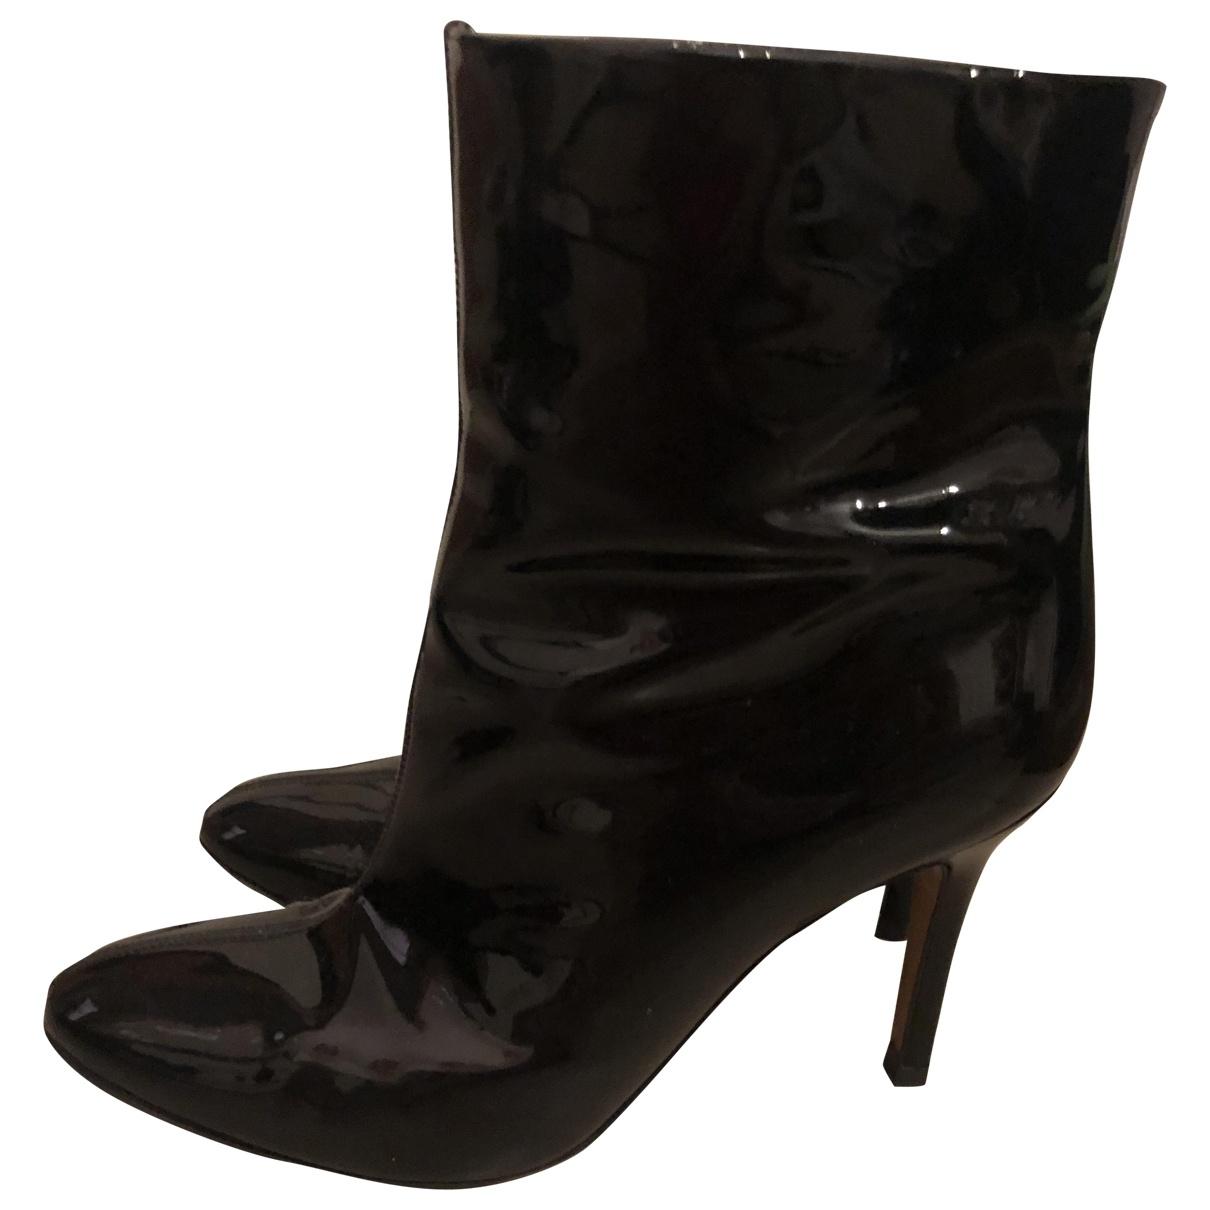 D&g - Boots   pour femme en cuir verni - bleu